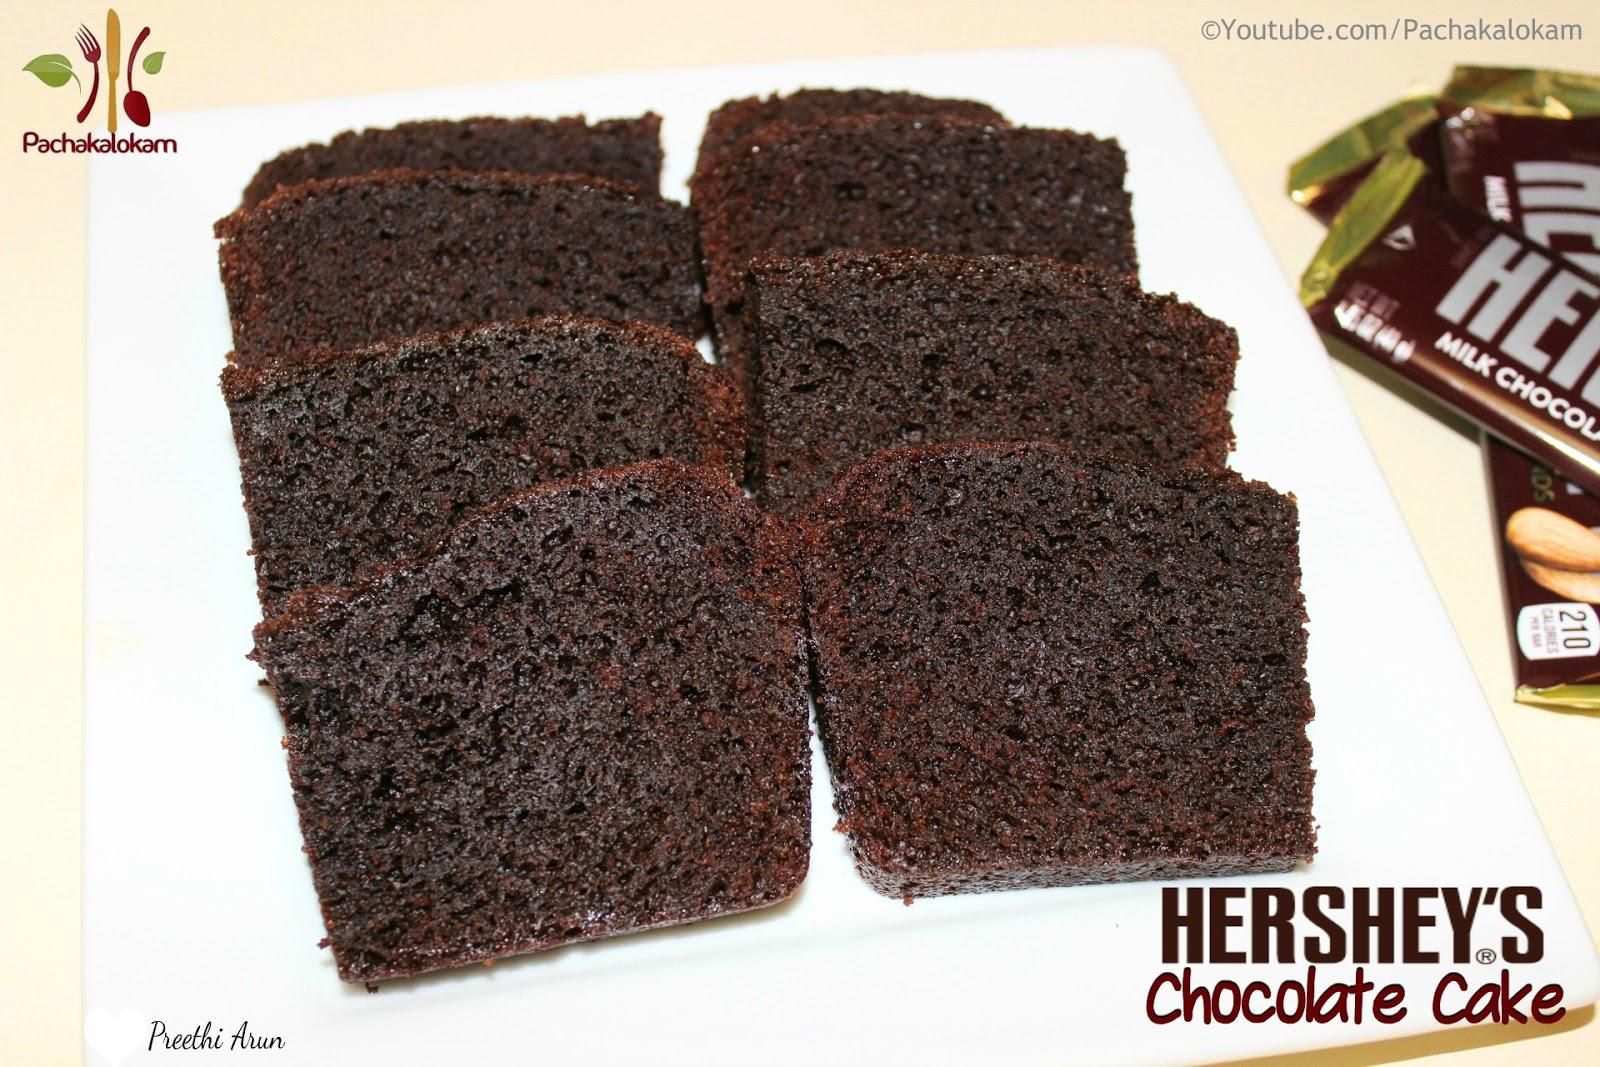 Pachakalokam Hersheys Chocolate Cake Moist and Fluffy Simple